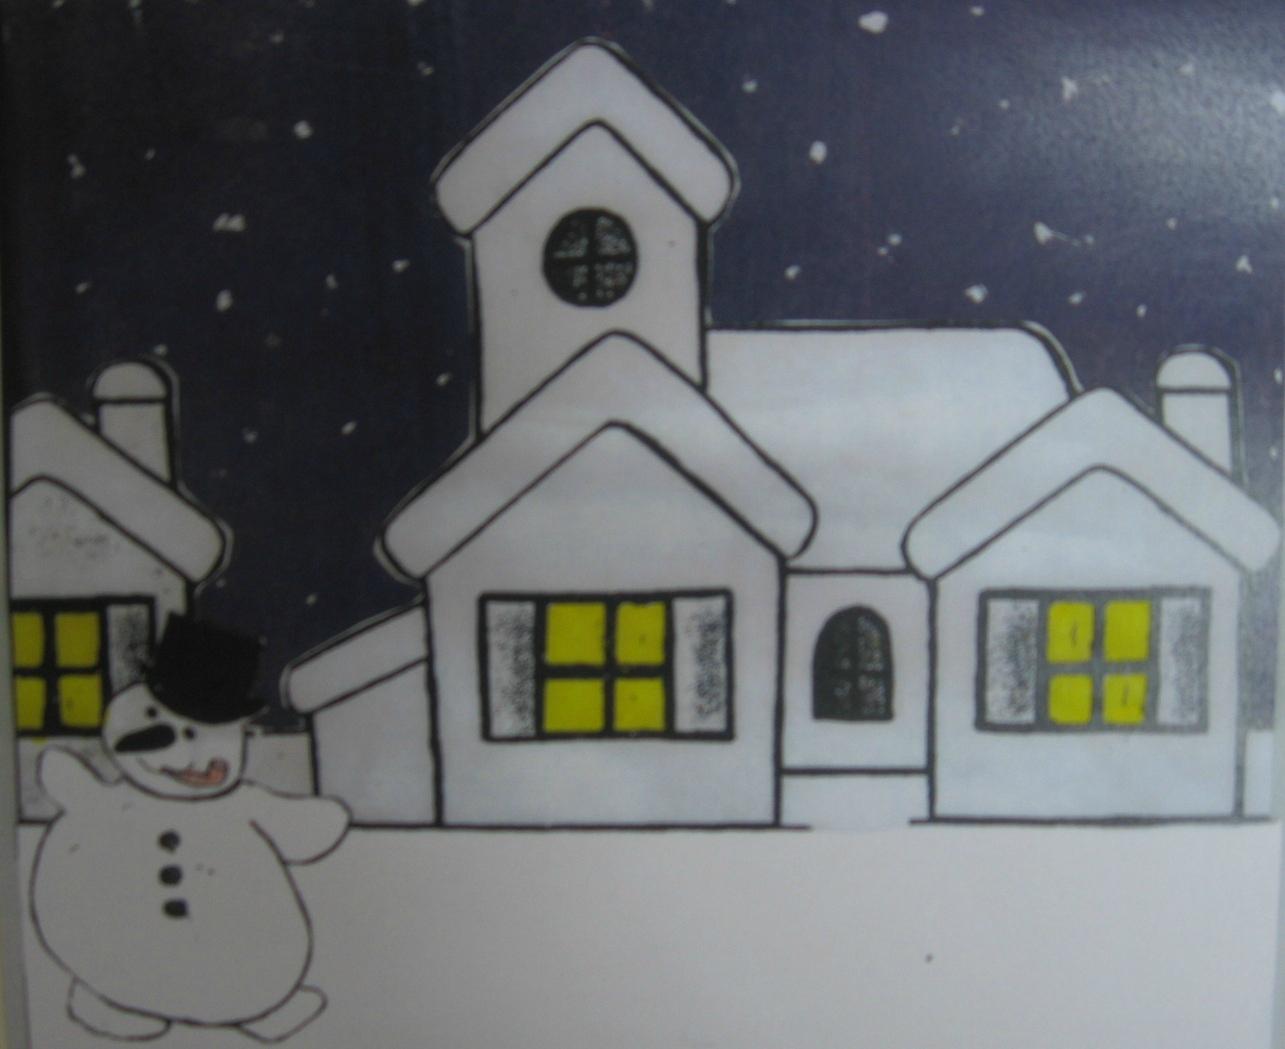 Chanson Pour Les Enfants L'hiver - Laclassedecamomille dedans Dans La Nuit De L Hiver Chanson